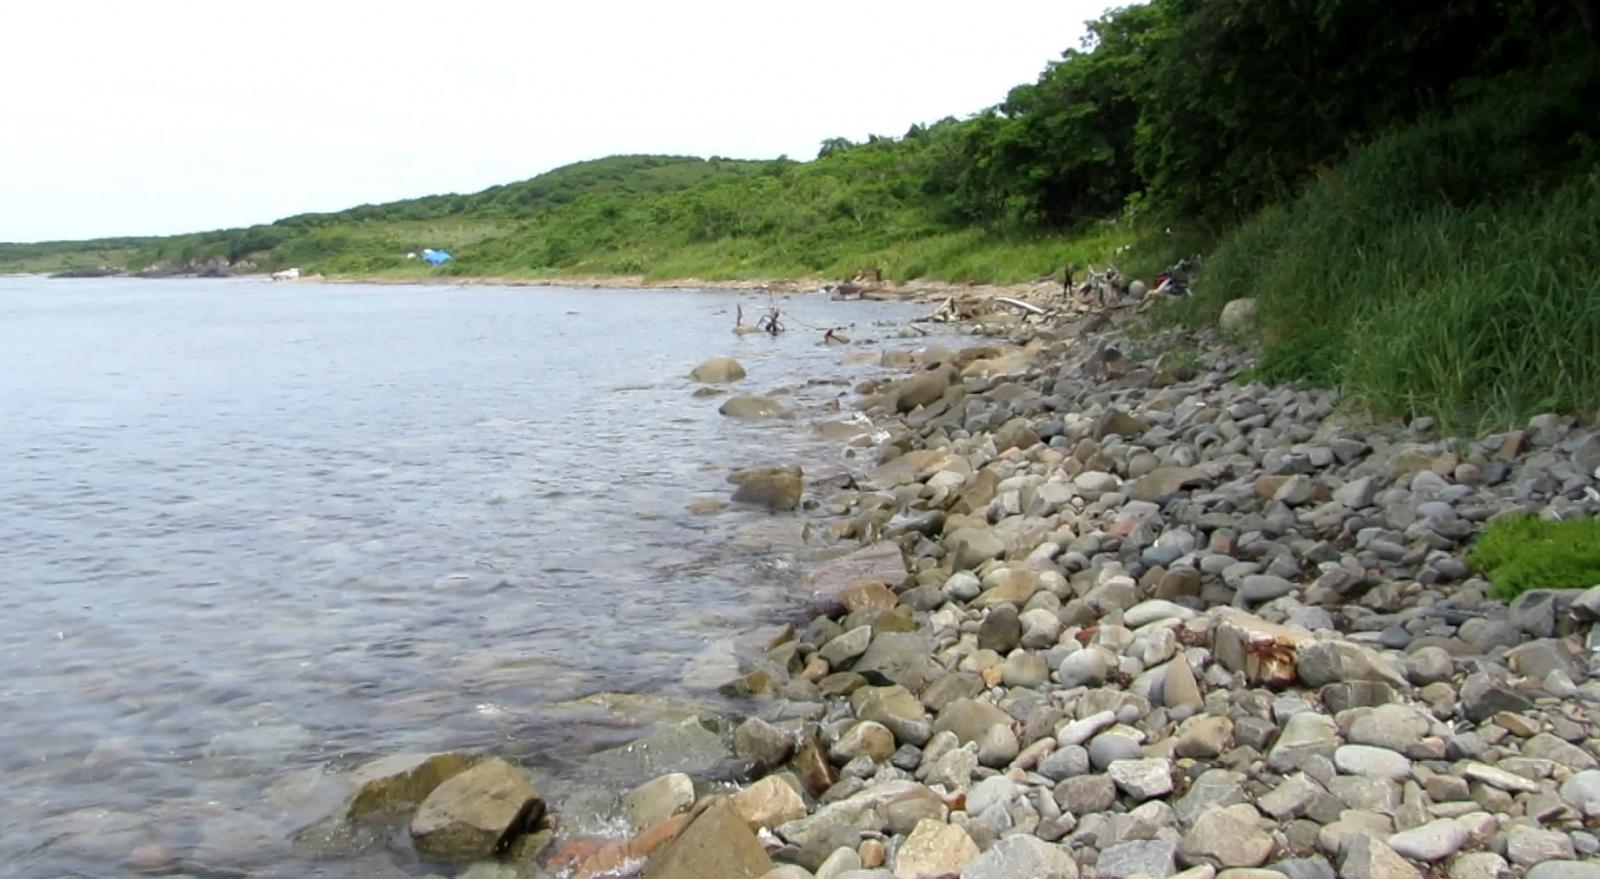 Фриланс на острове – теория и практика - 3